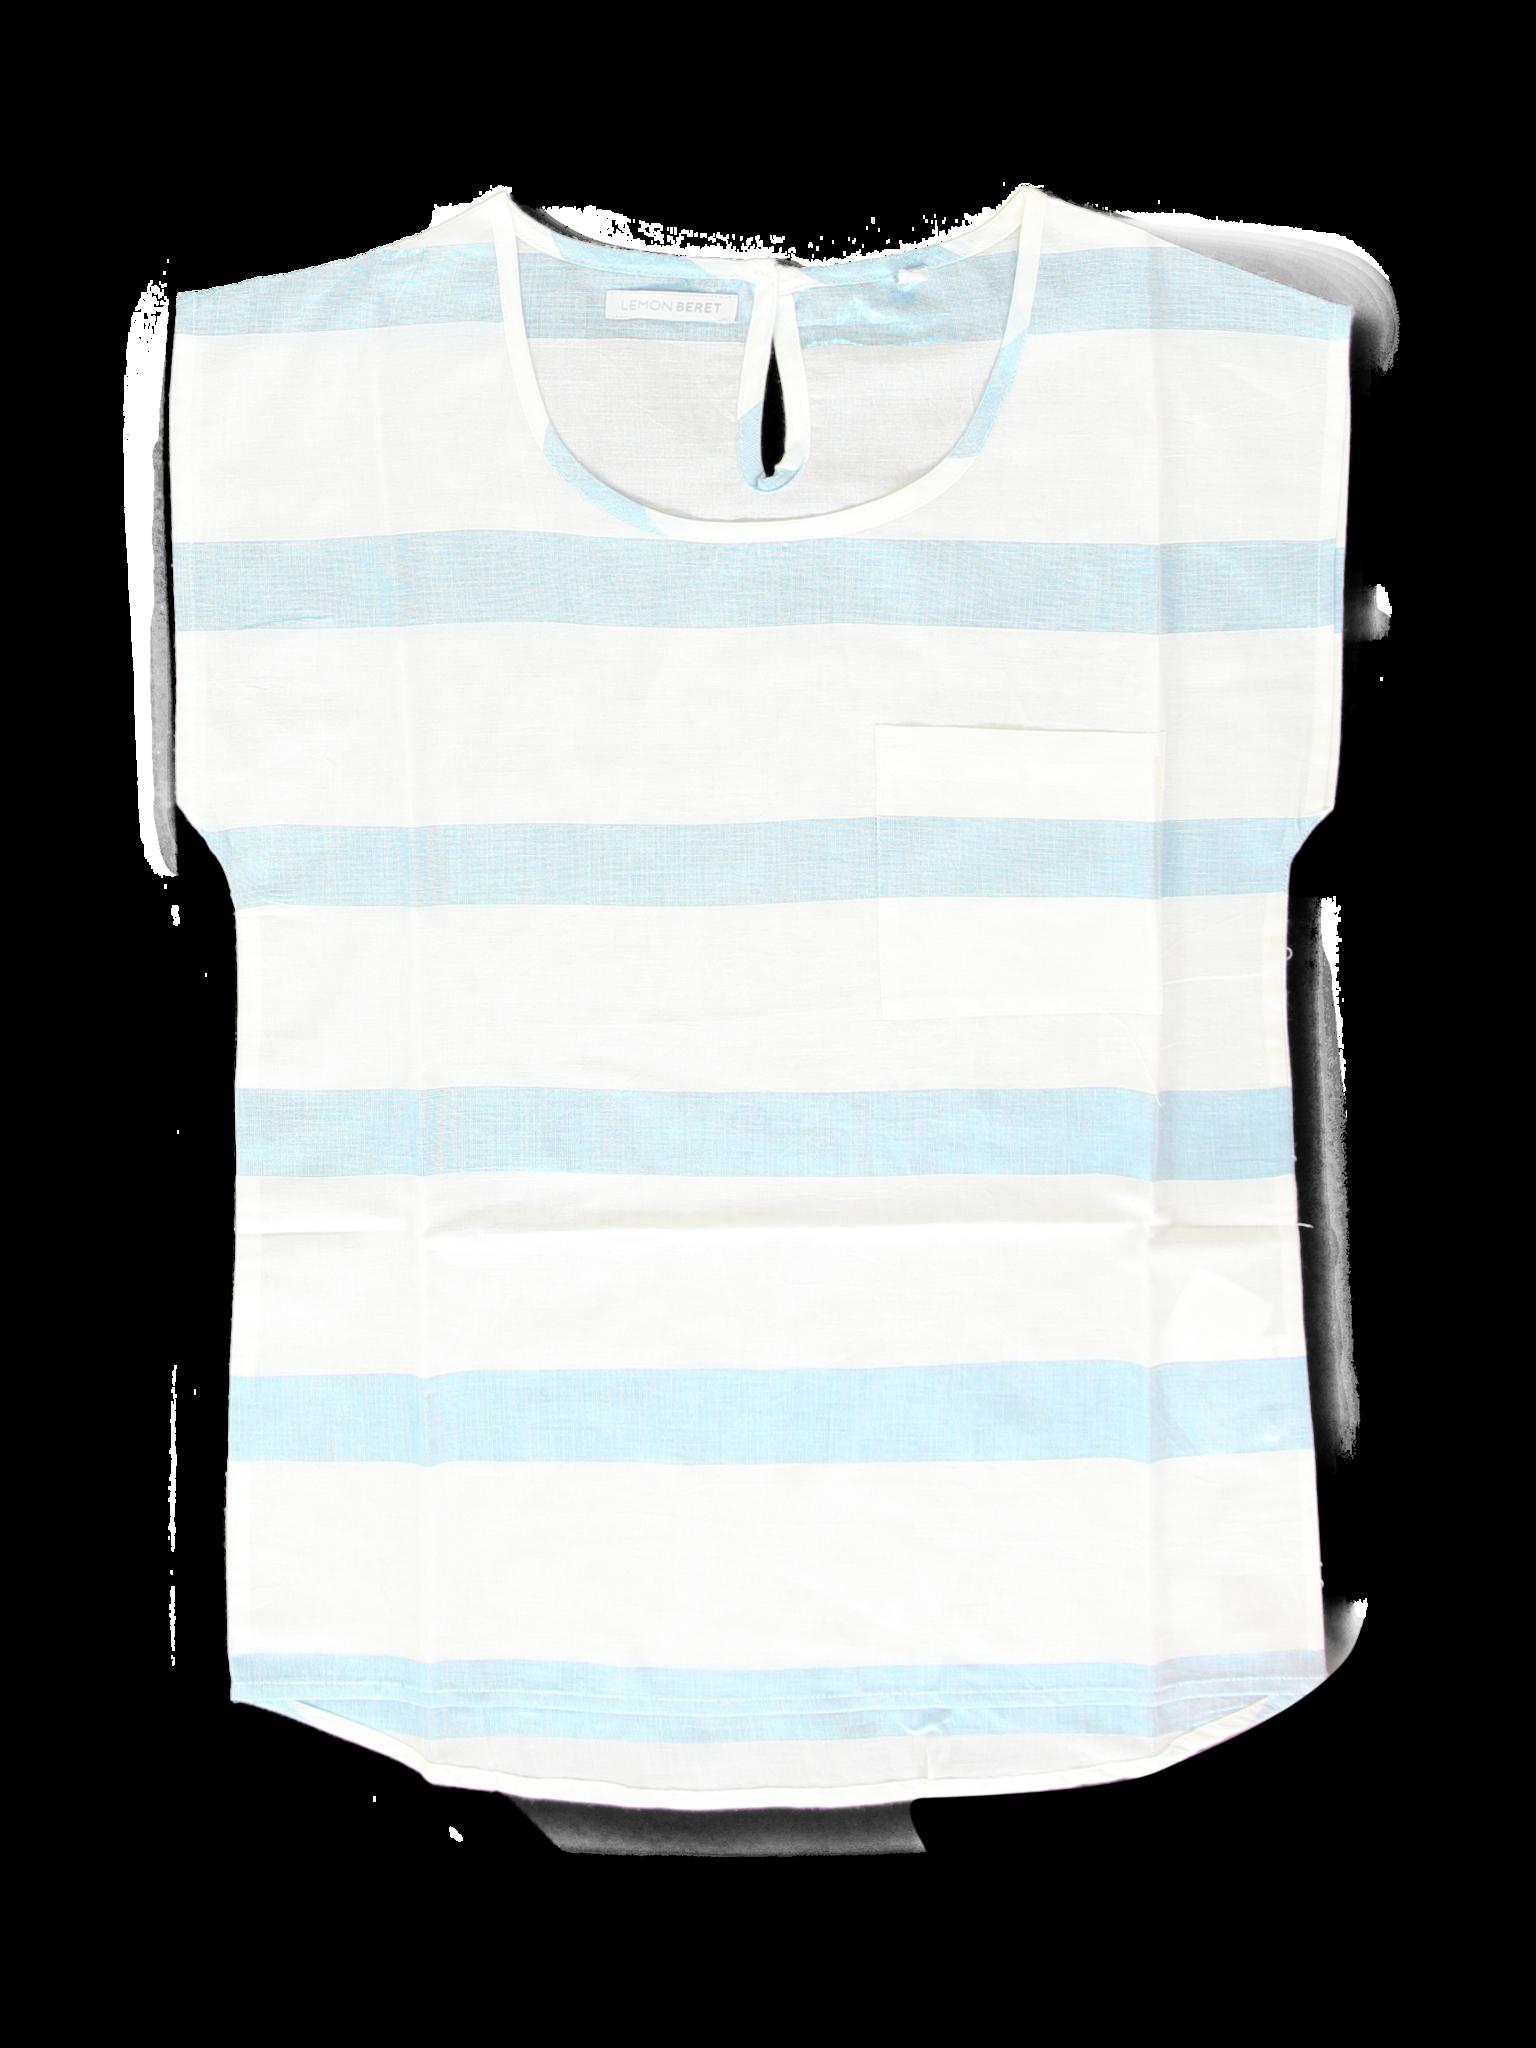 All Brands | Summerproducts Teen Girls | Blouse | 10 pcs/box